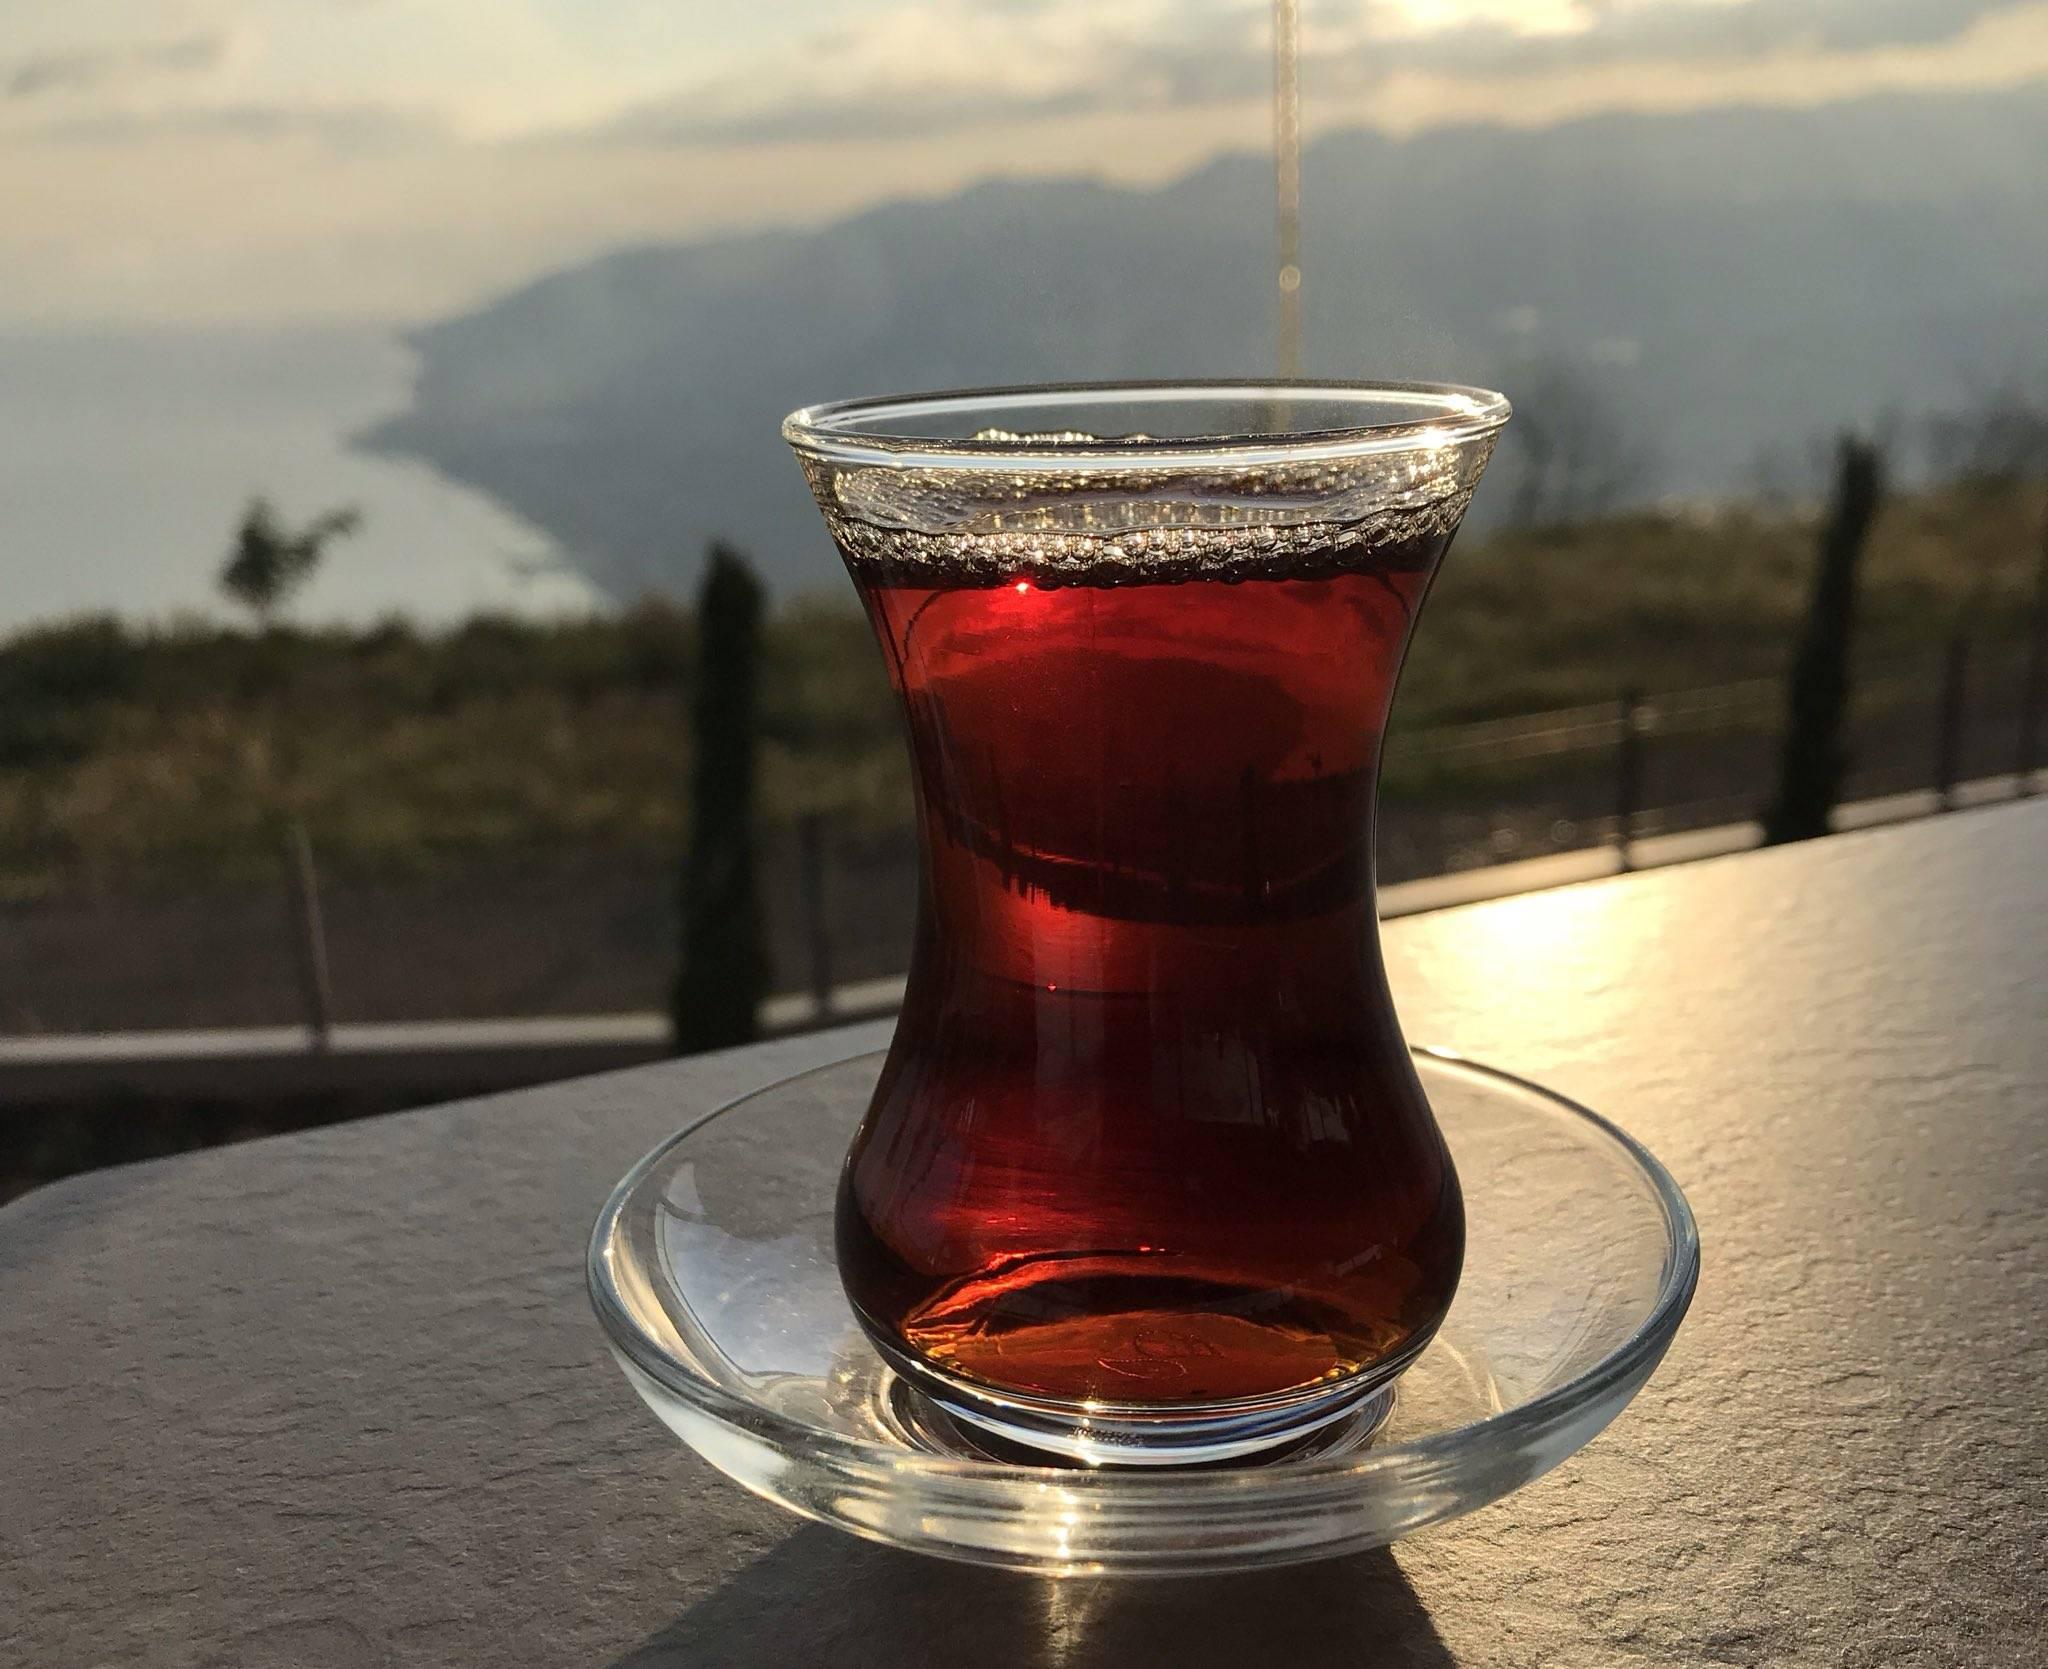 Двойные заварочные чайники из турции: материал изготовления, как заваривать